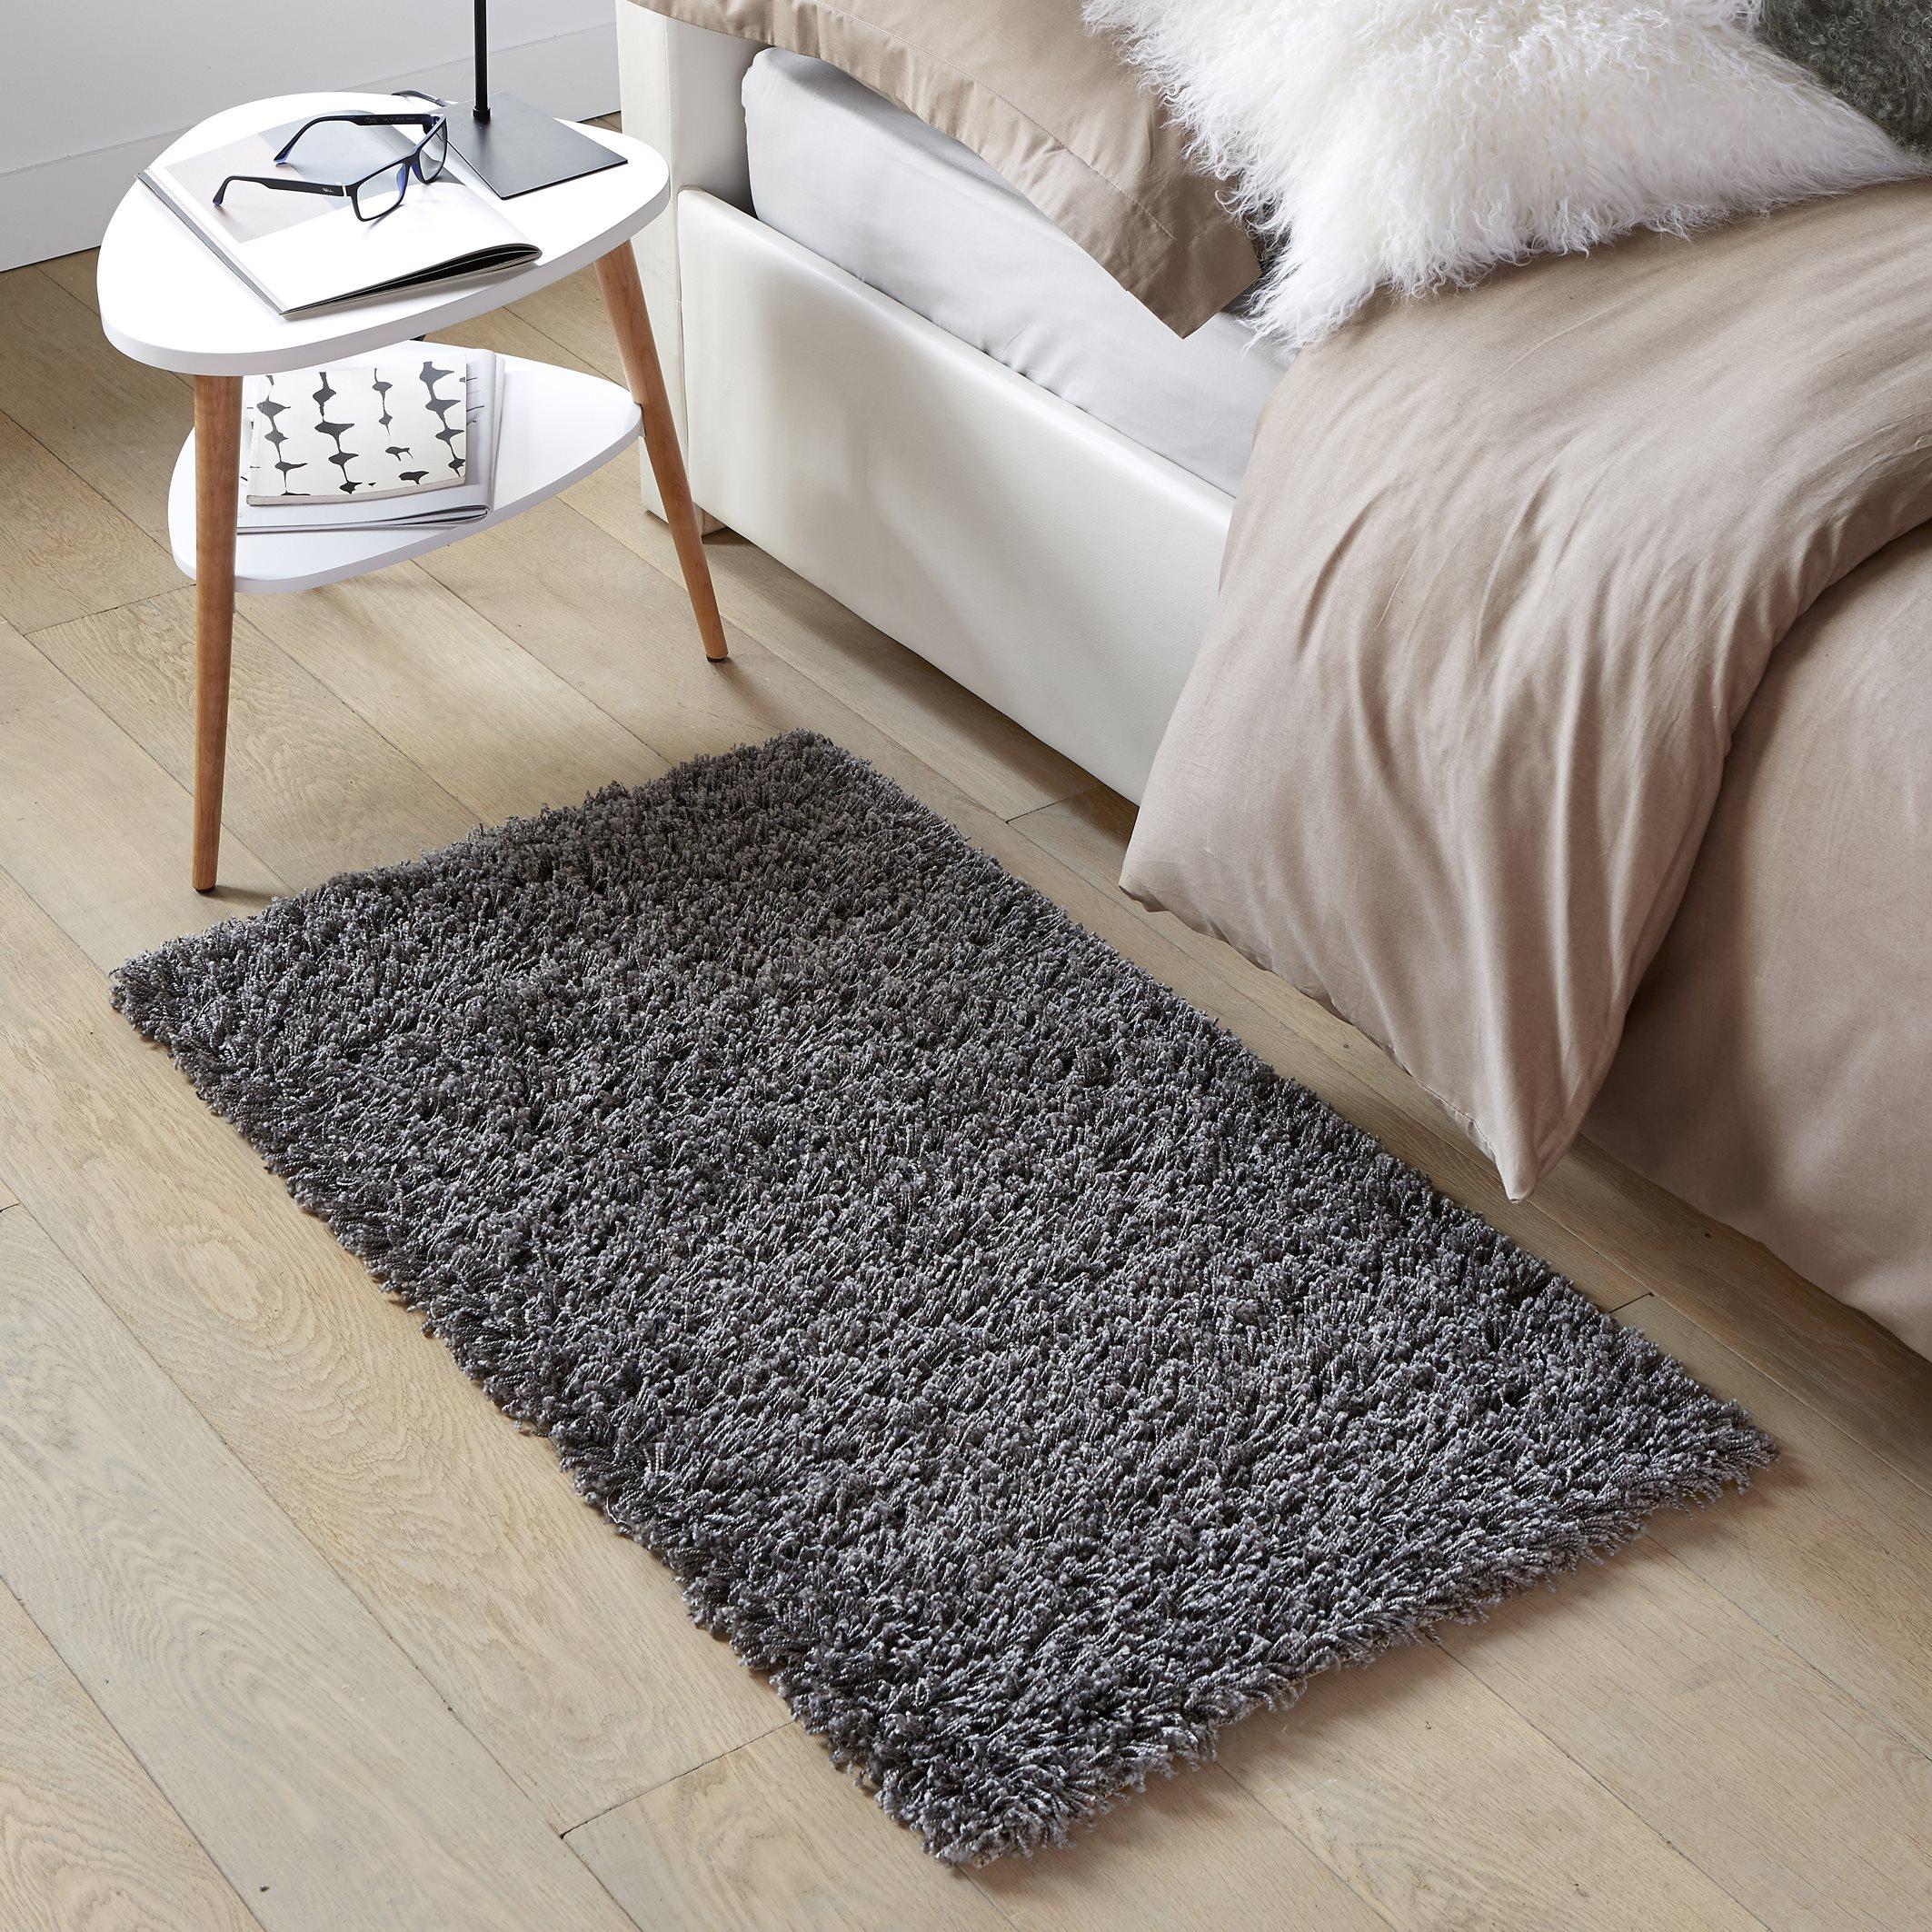 Alfombras de pie de cama cehome trucos para el hogar - Alfombras nordicas ...